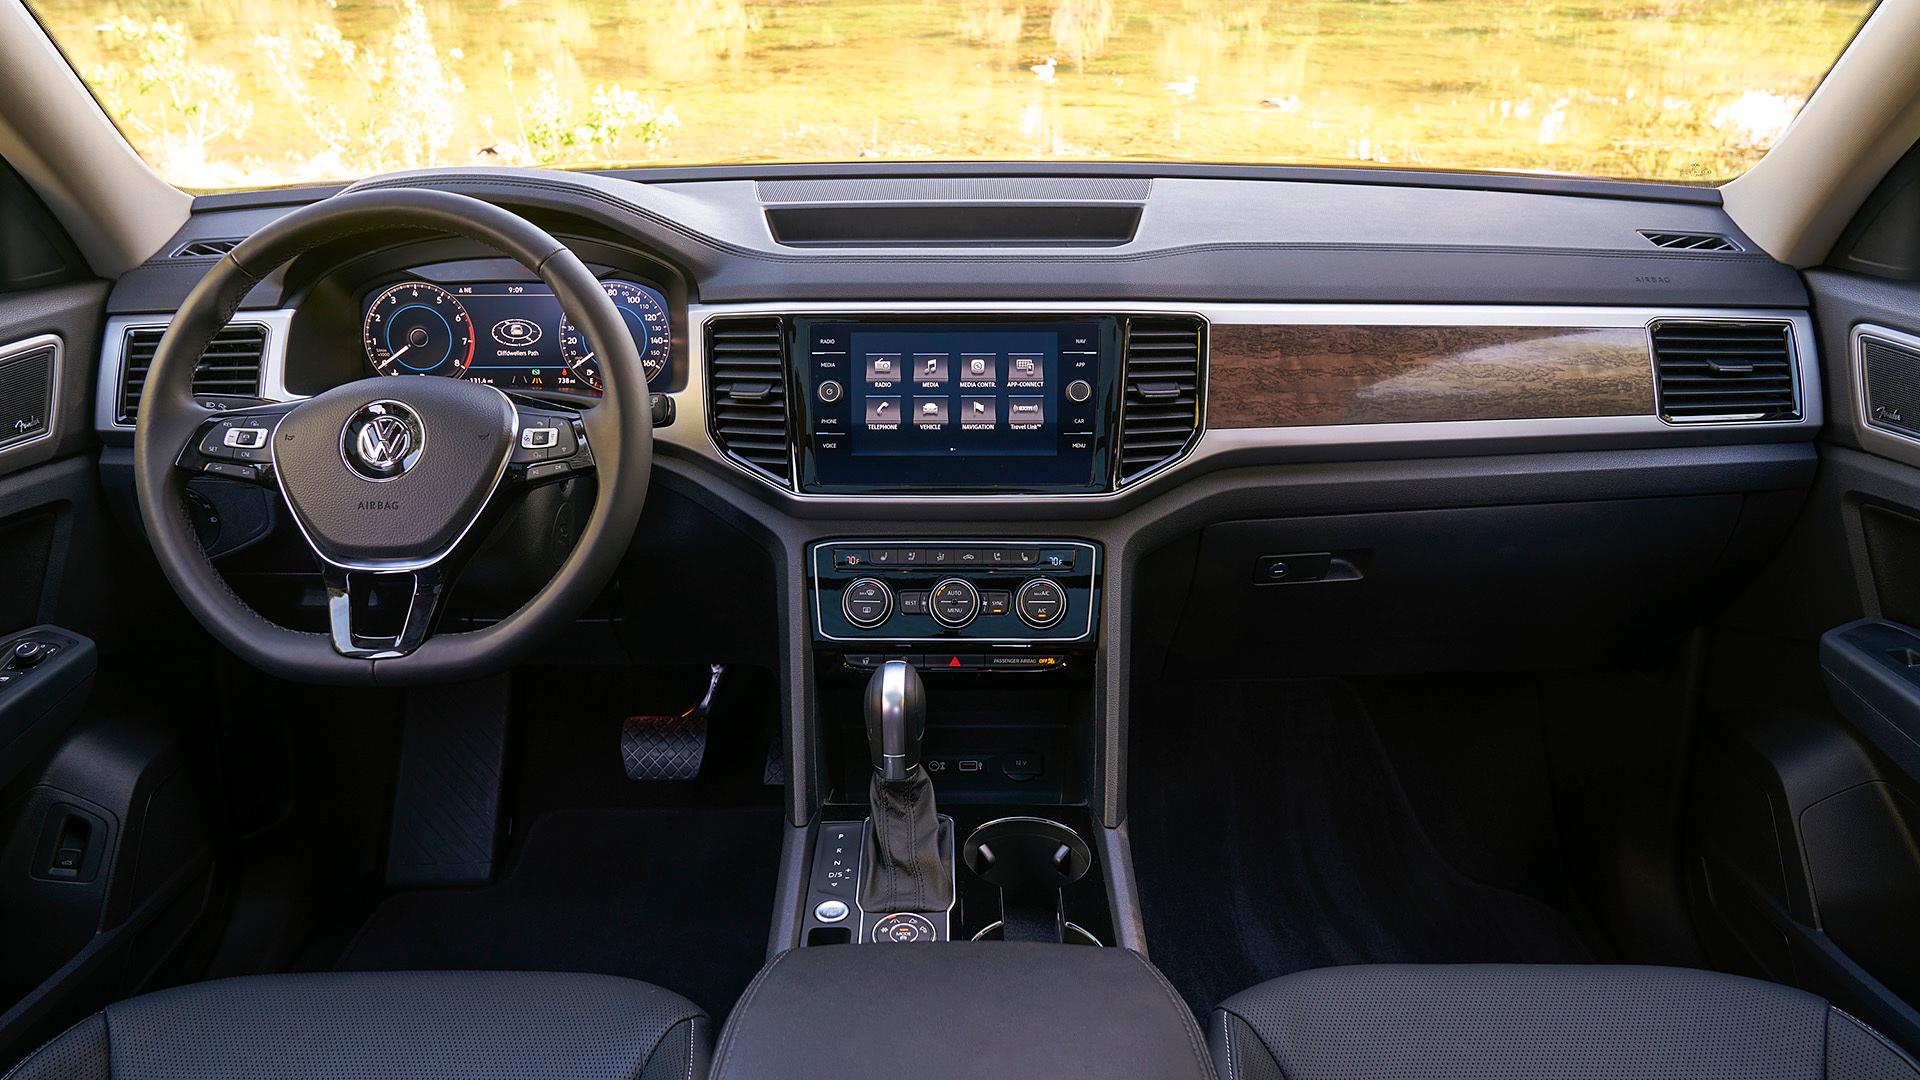 Hummer Models List >> 2018 VW Atlas Digital Cockpit